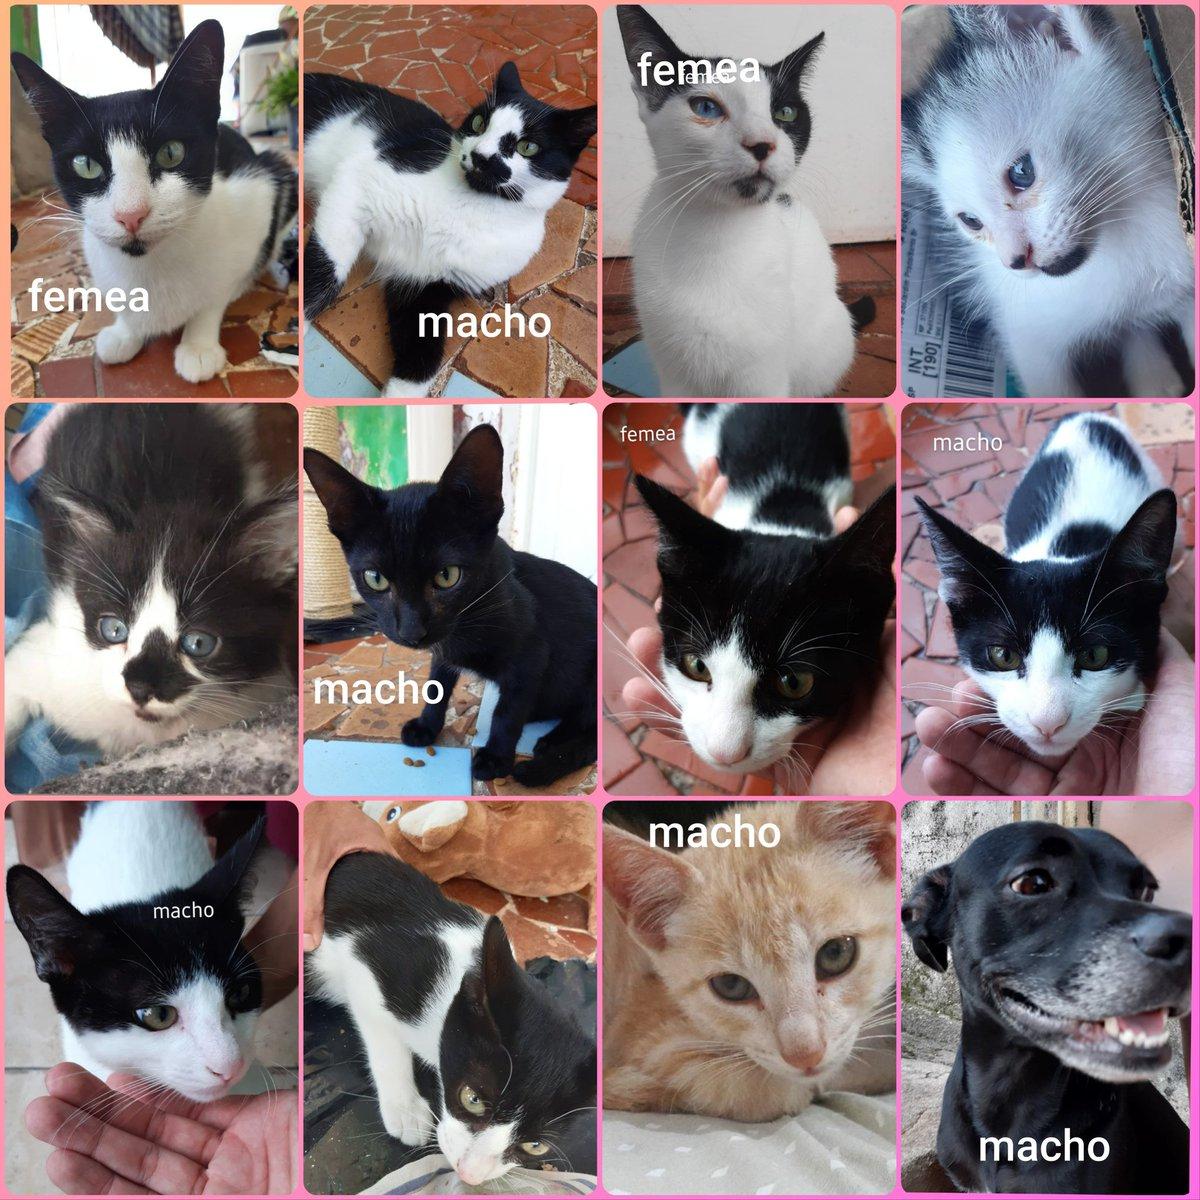 Preciso da ajuda de vcs p/ castrar esses pets resgatados q estão sob meus cuidados pra dpois poder doá-los  Já temos 12 vacinas garantidas São 12 gatos e 1 cachorro  Valor total: R$1,200.00  Vcs podem ajudar fazendo uma doação a partir de R$1 ou dando RT 💜  Obrigado 🐶😺